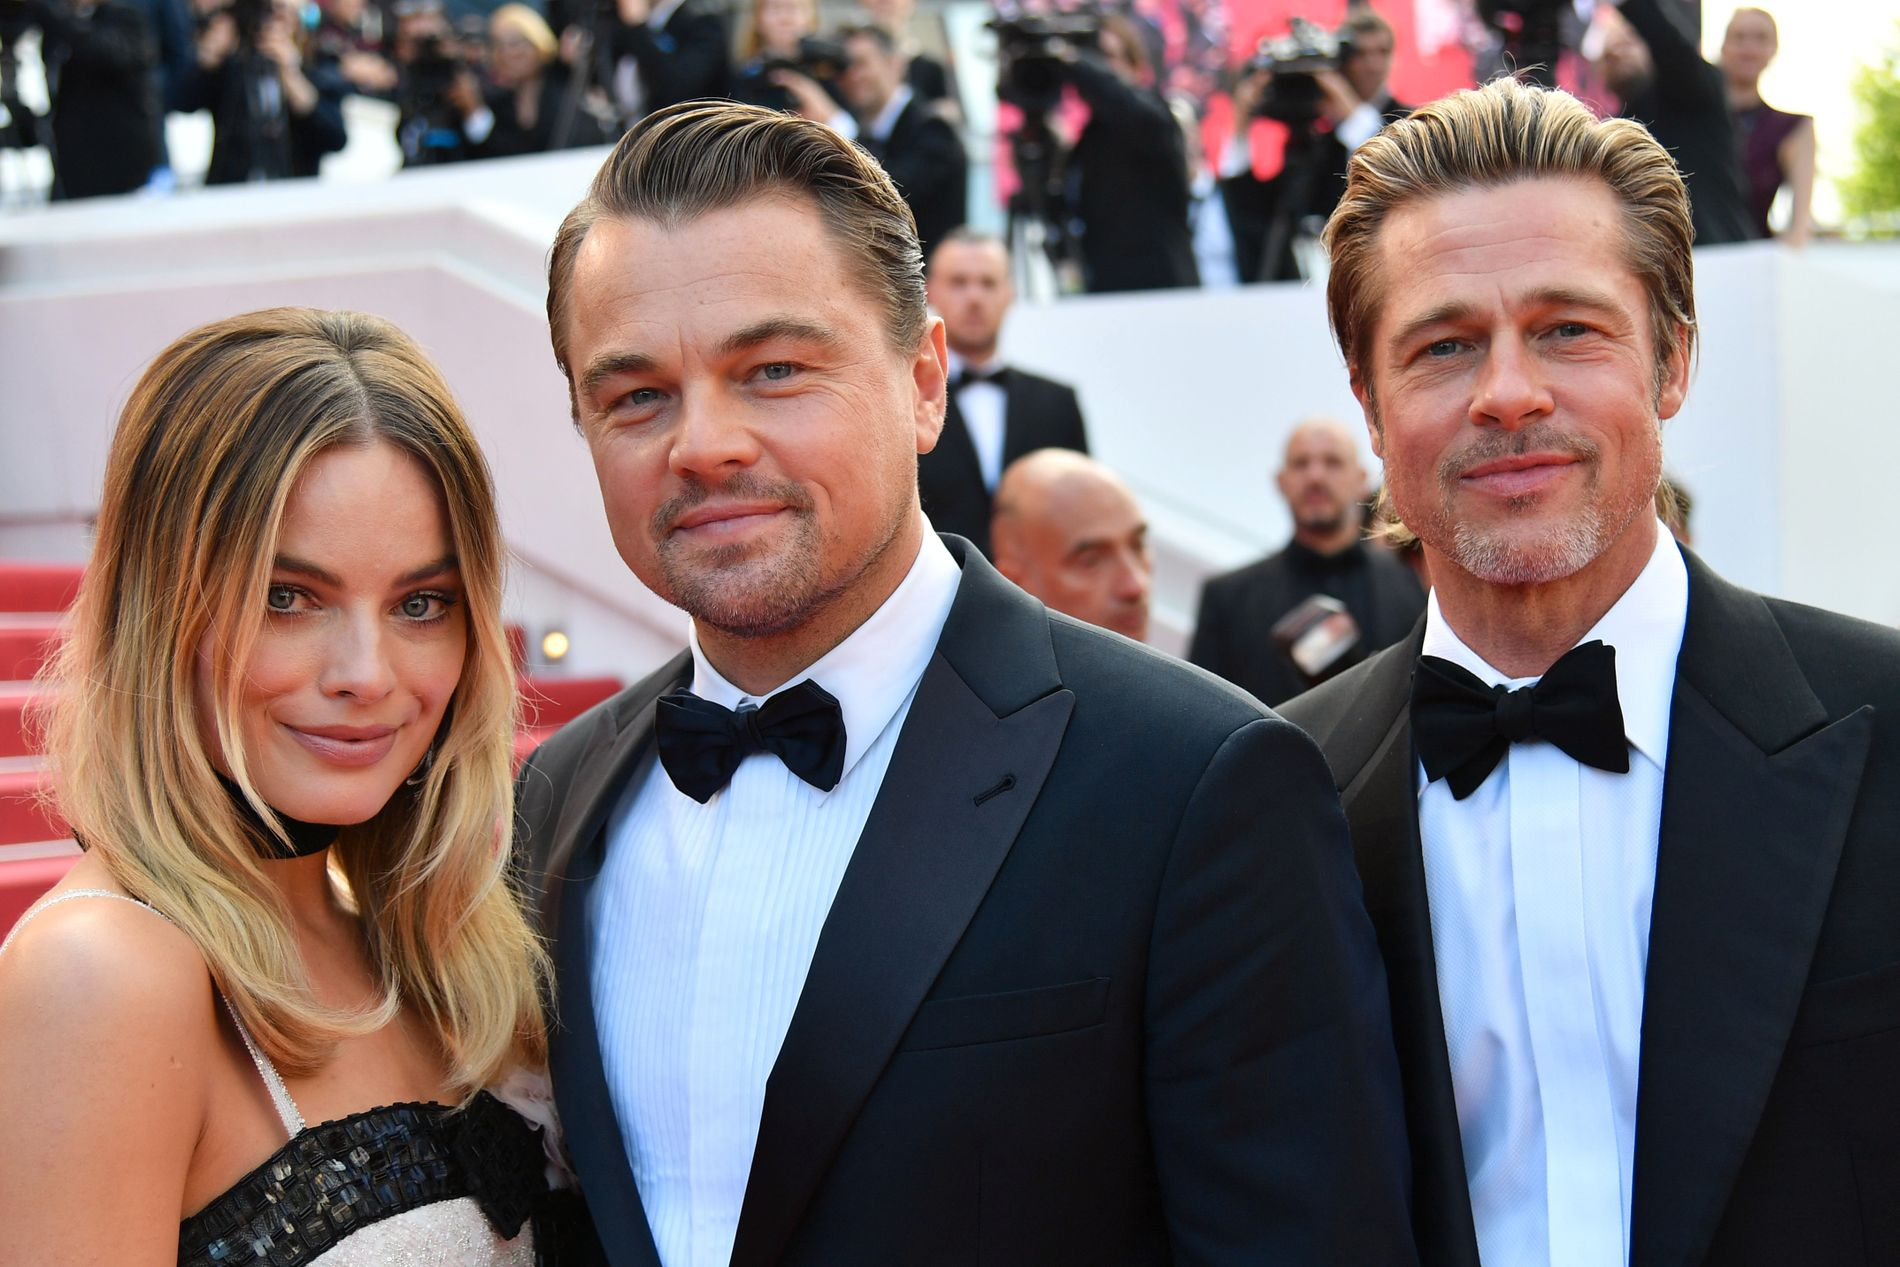 MEDSPILLERE: Margot Robbie som spiller Sharon Tate, Leonardo DiCaprio som spiller Rick Dalton og Brad Pitt som spiller Cliff Booth, er på rød løper i Cannes.